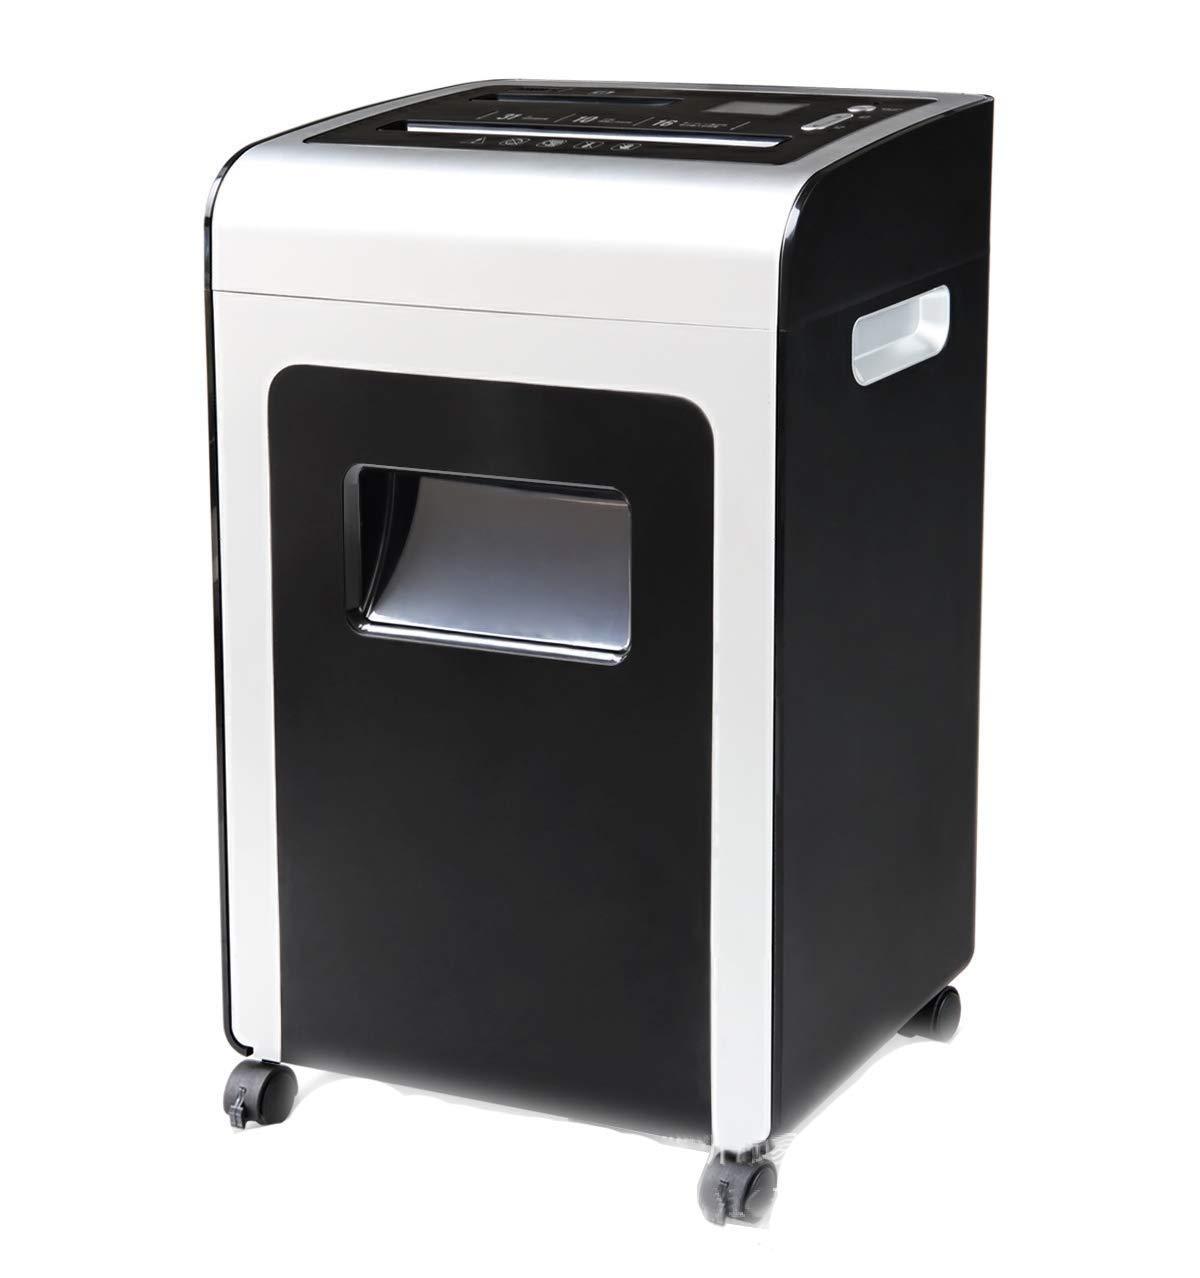 RMXMY Trituradora de Oficina Trituradora de trituraci/ón Ultra silenciosa de Alta Potencia el/éctrica Trituradora de purificaci/ón multifunci/ón